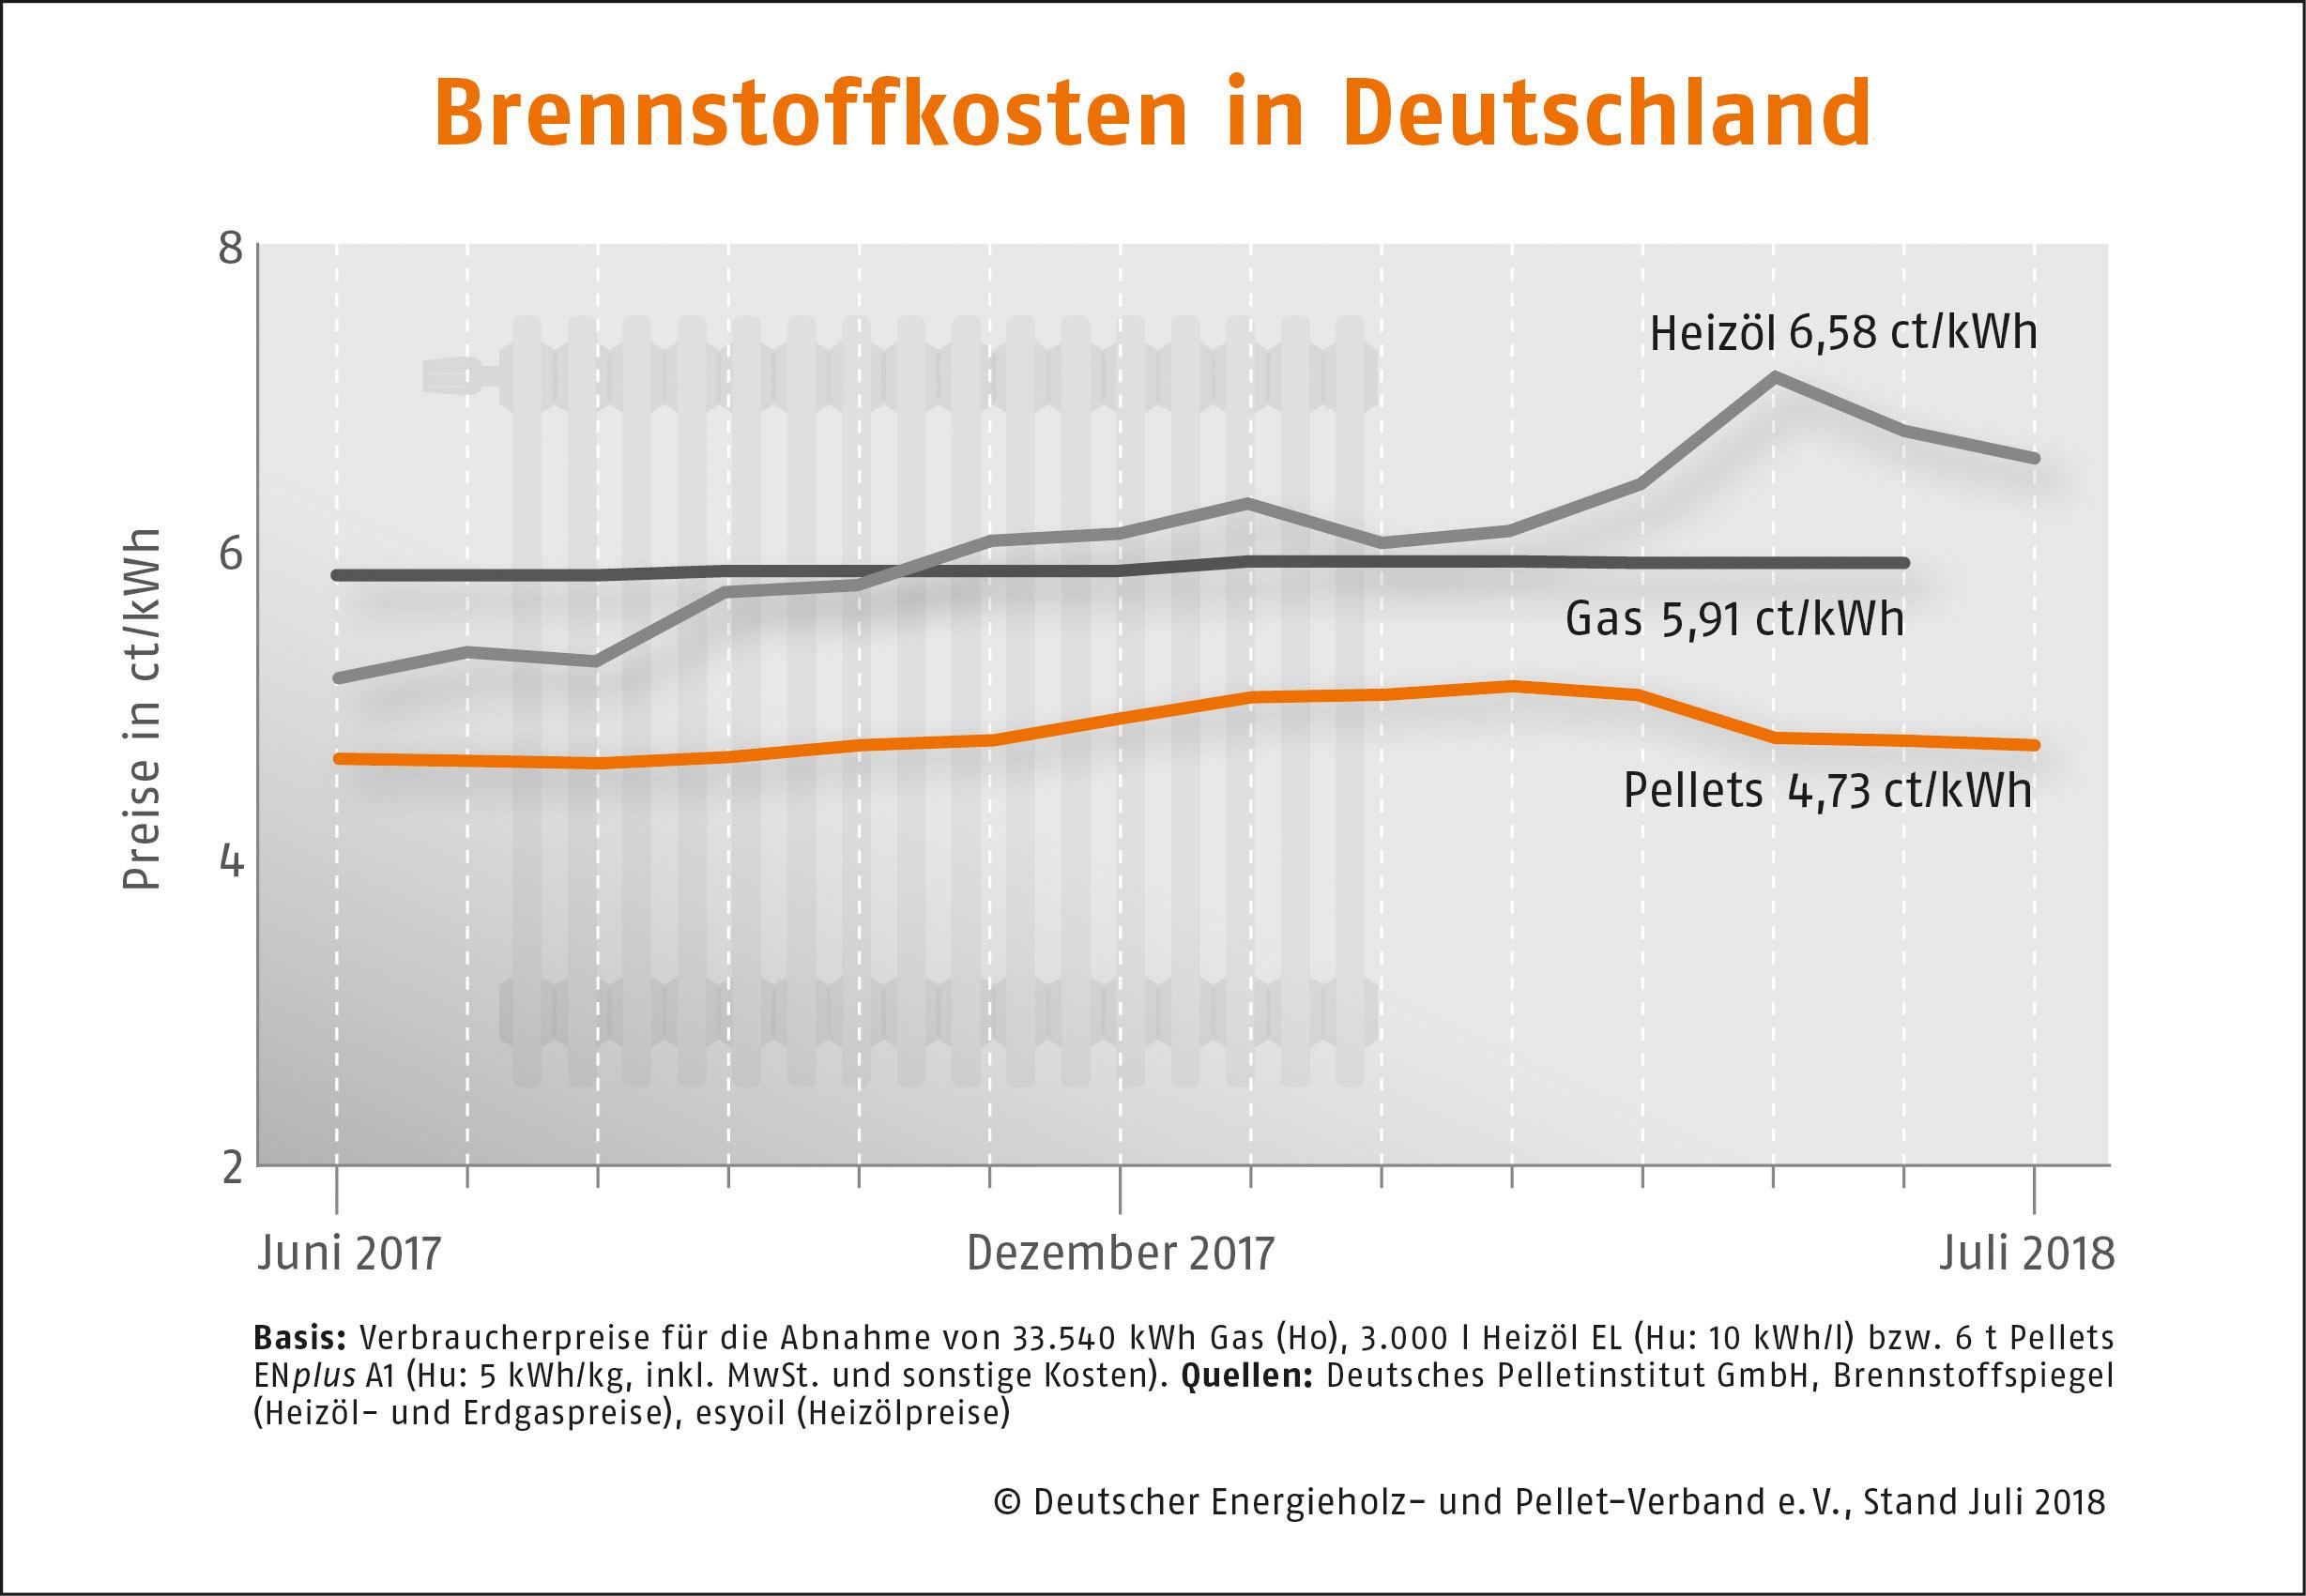 Brennstoffkosten in Deutschland Juli 2018 DEPI Brennstoffkosten in Dtl Juli 2018